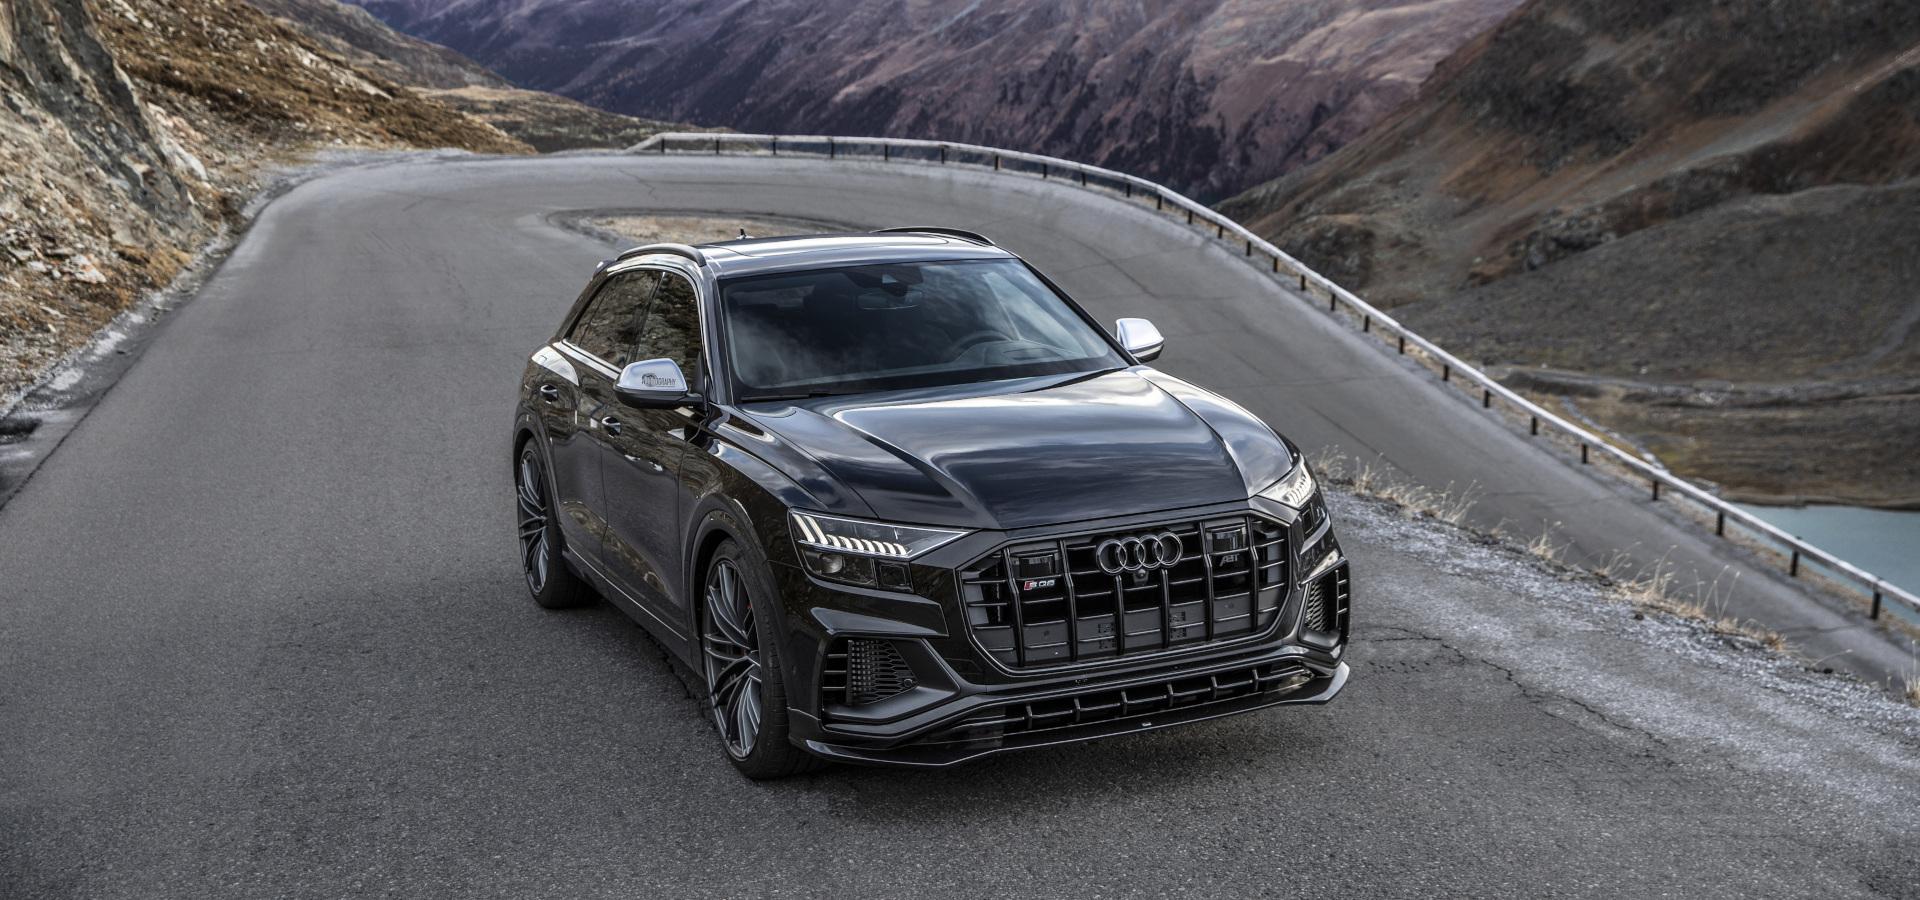 Kelebihan Kekurangan Audi Sq8 Harga